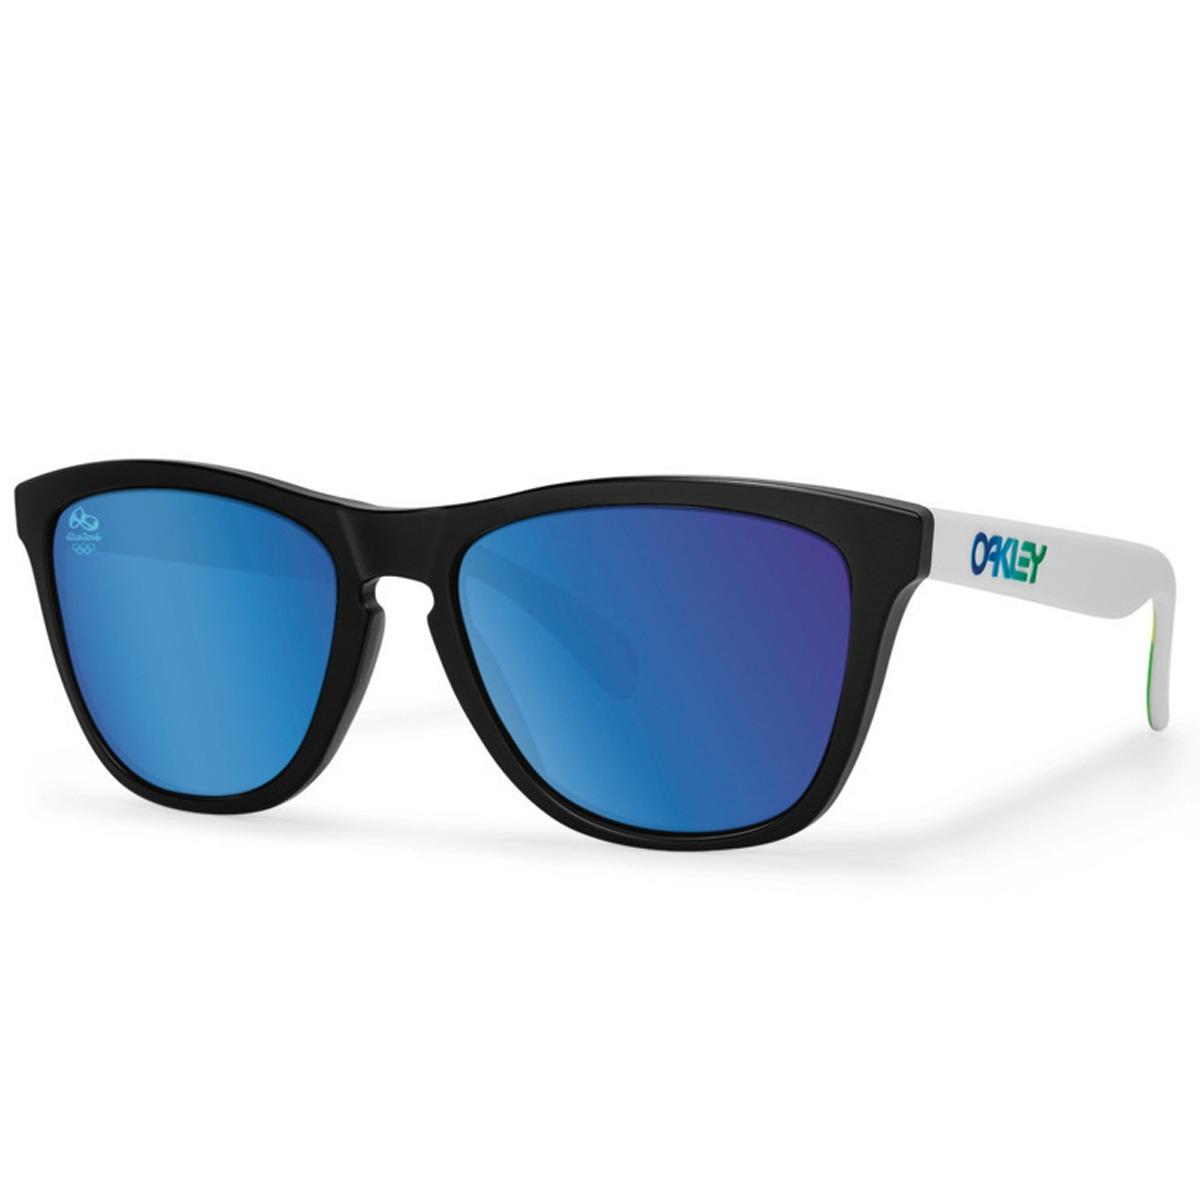 06cc4b2613a14 Óculos Oakley Frogskins - R  479,90 em Mercado Livre